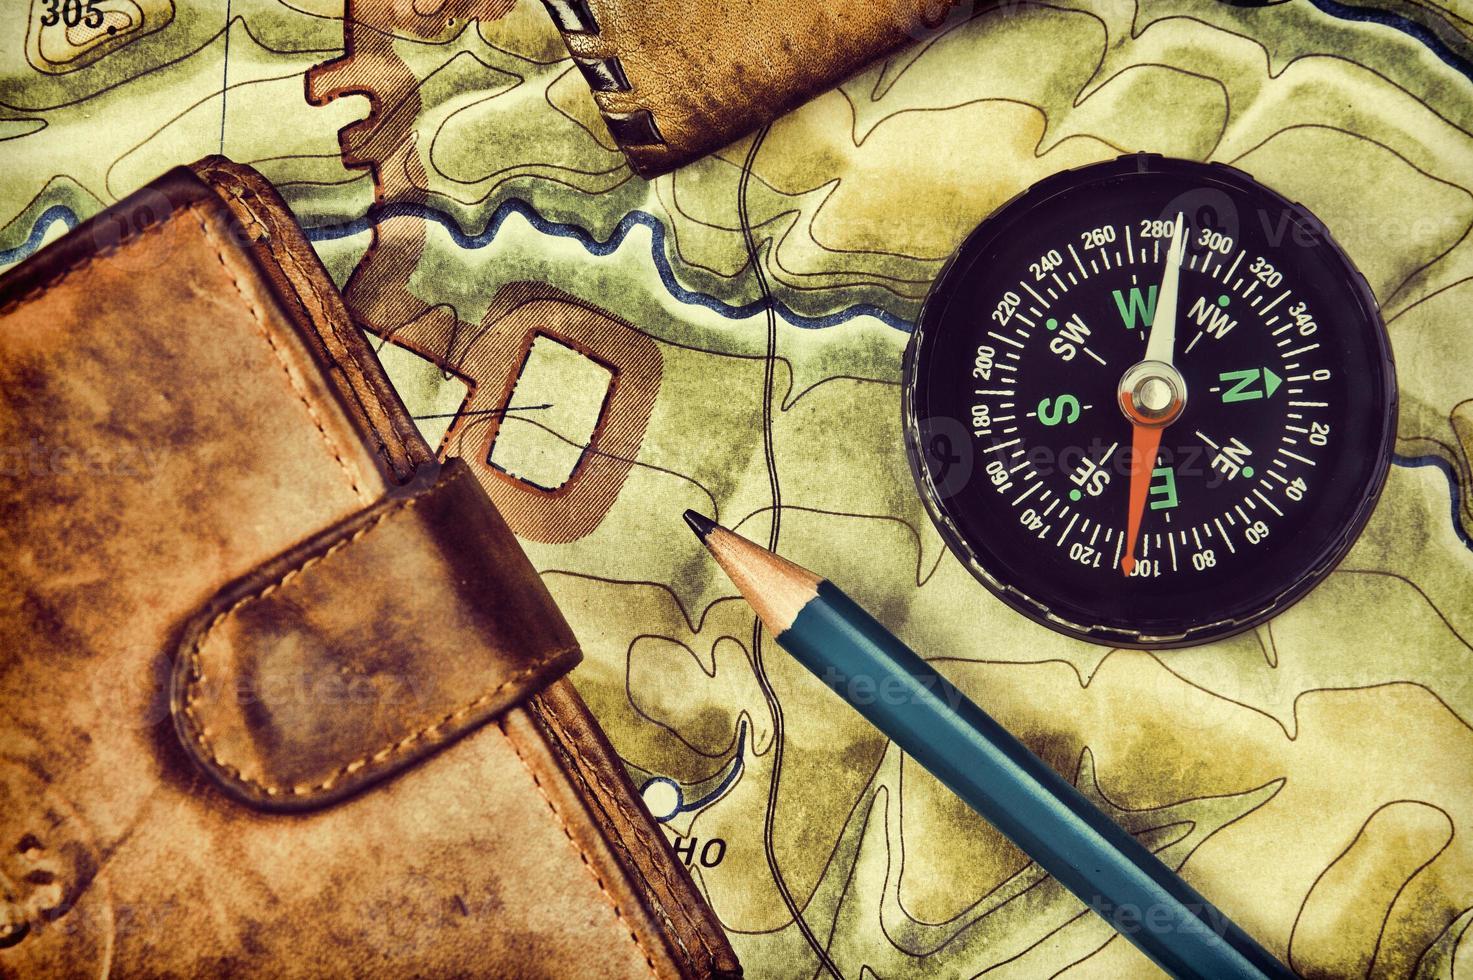 Kompass Brieftasche und Reisepass auf der alten Karte foto